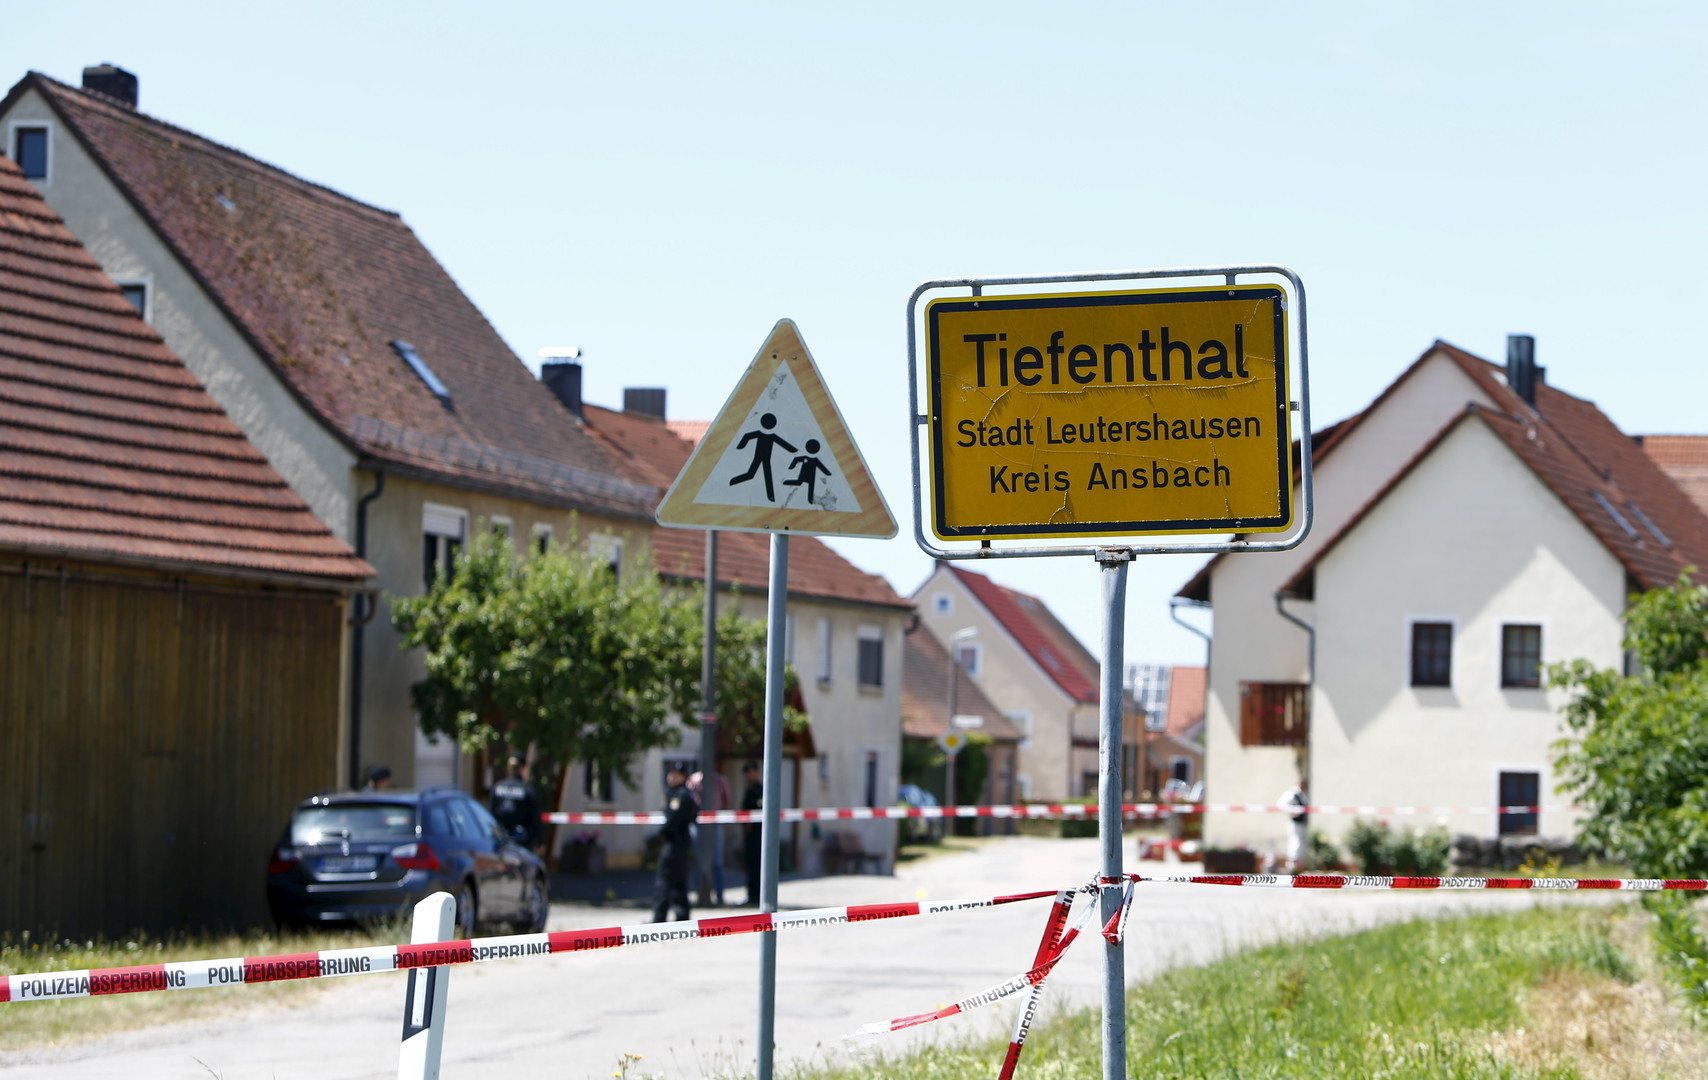 Scène du crime dans le petit village allemand de Leutershausen-Tiefenthal